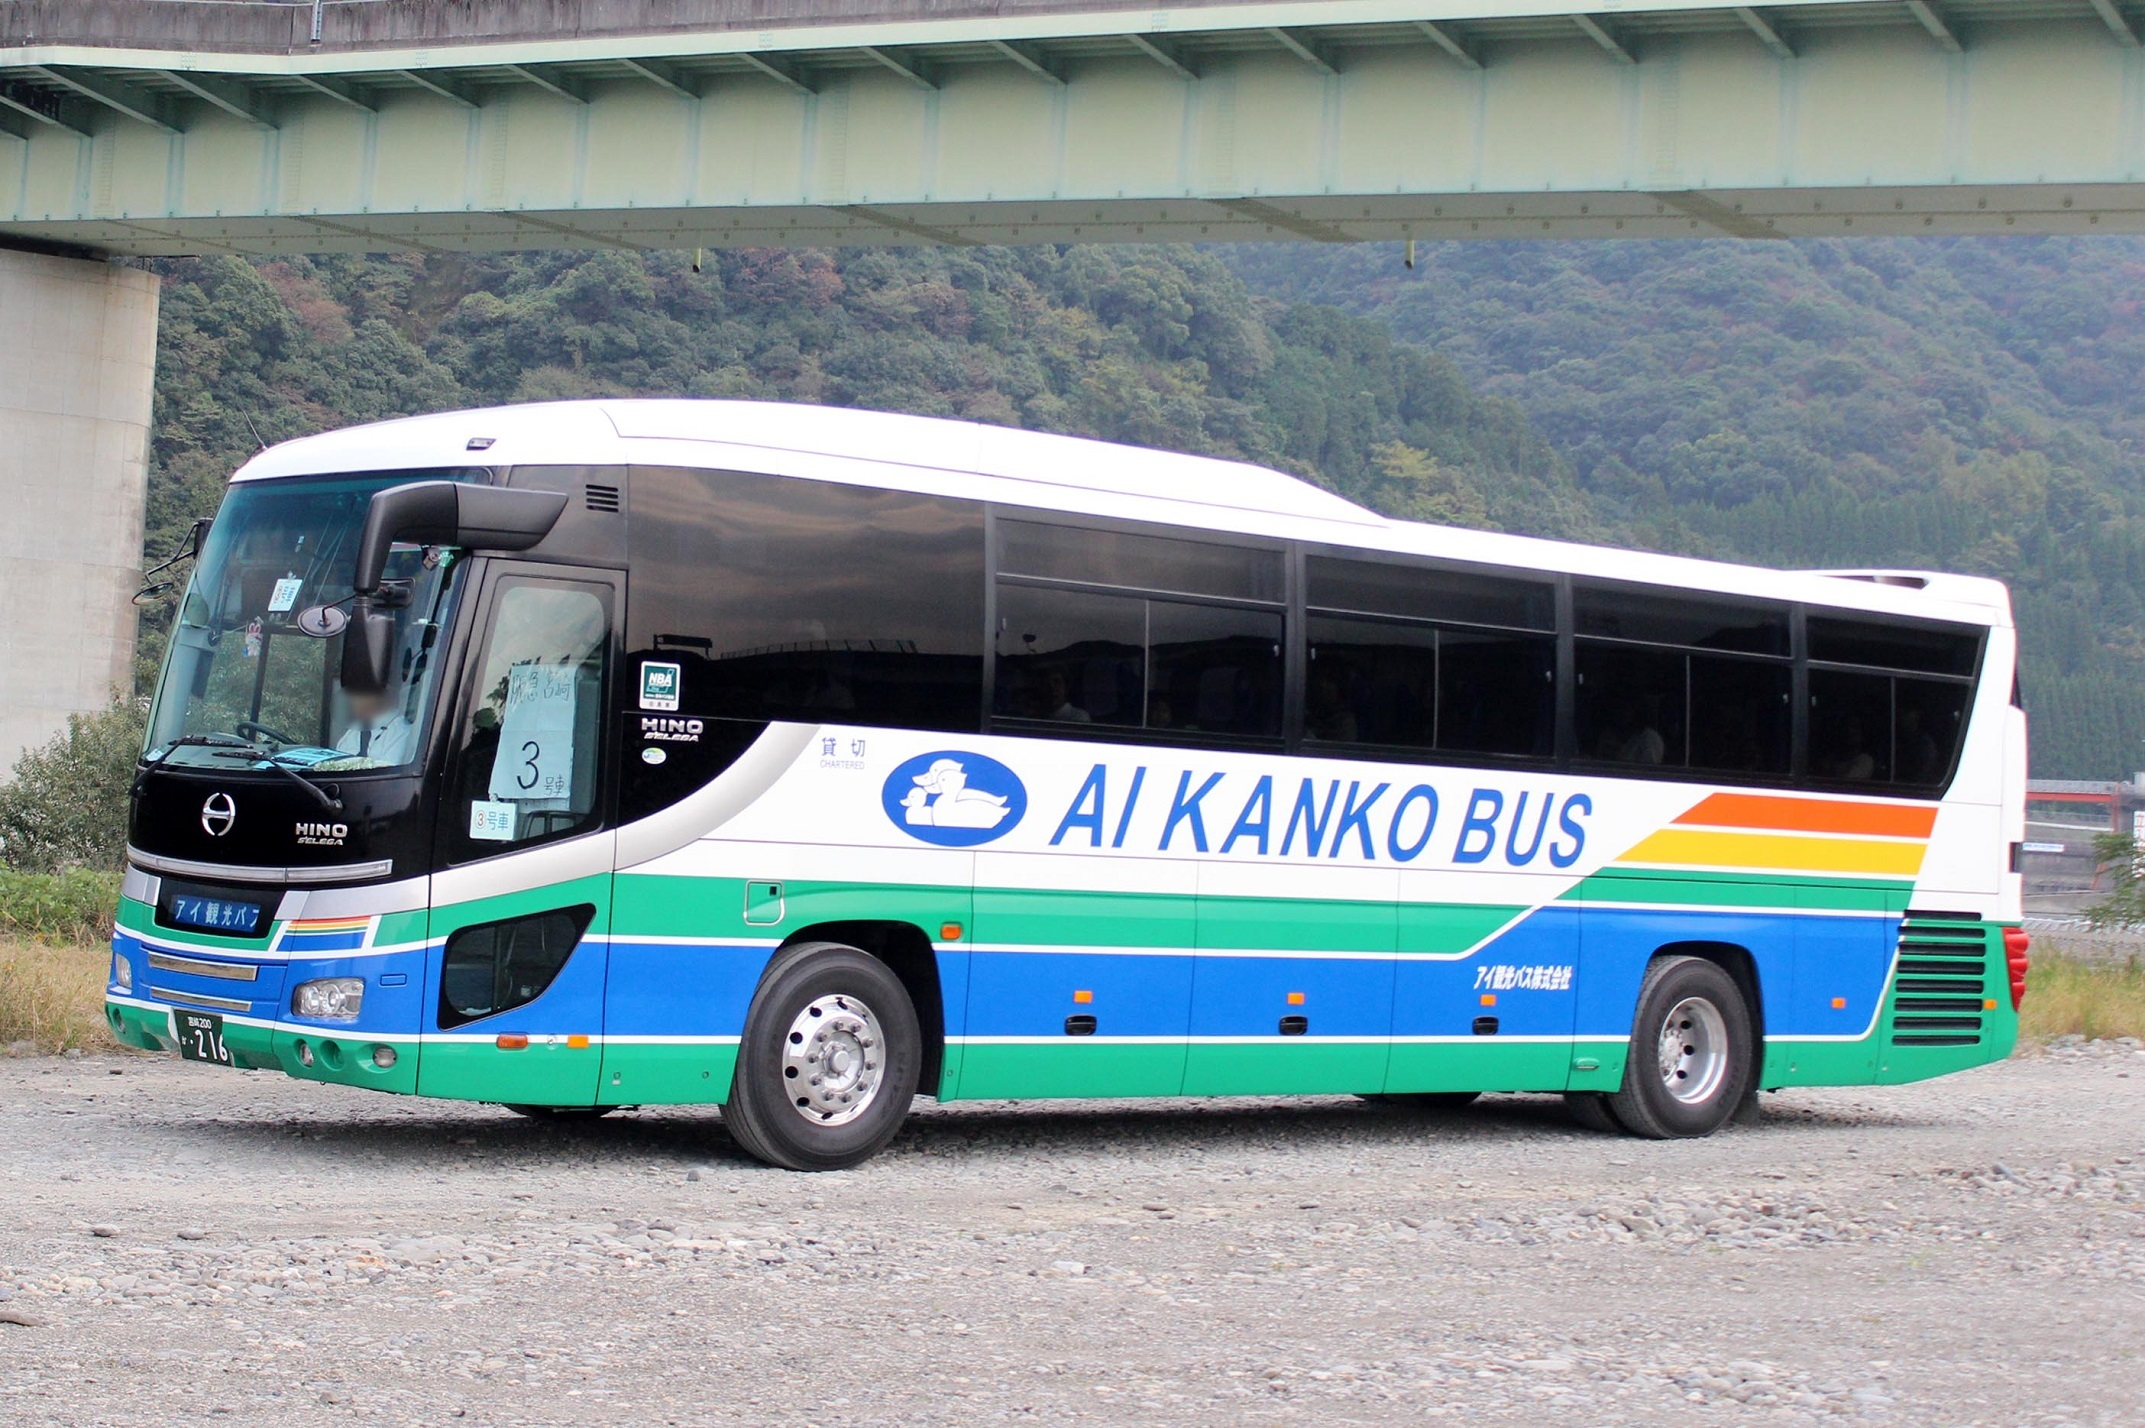 アイ観光バス か216